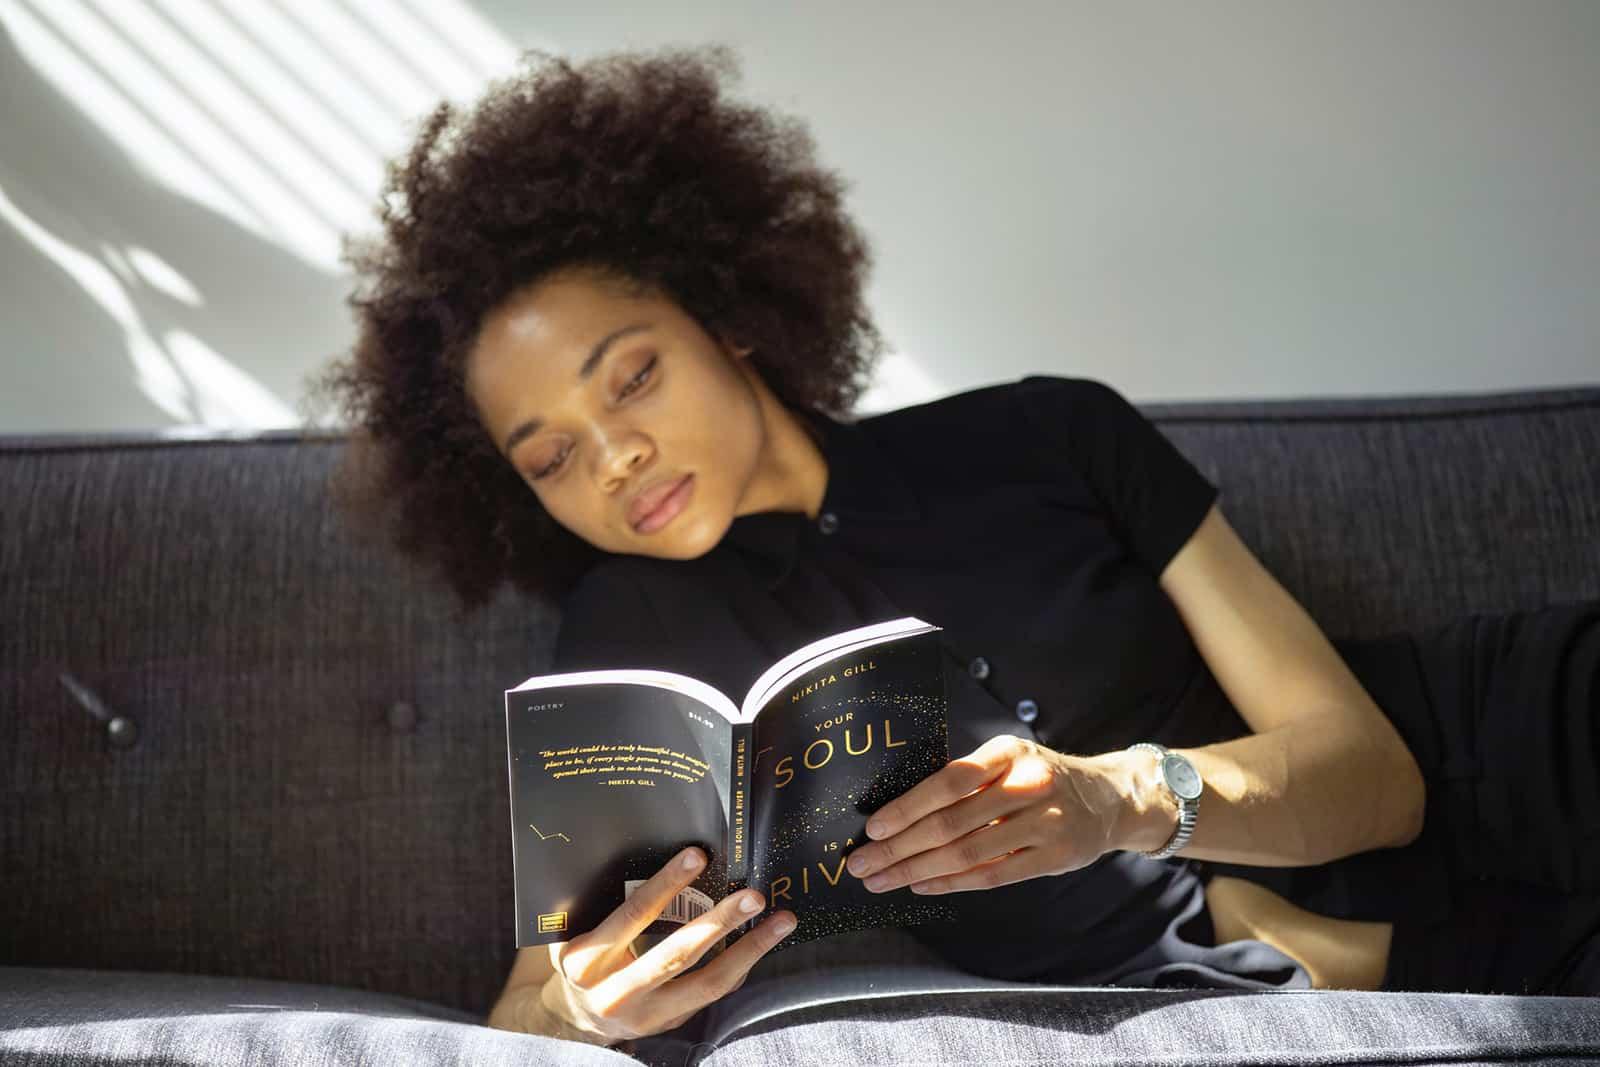 eine Frau, die ein Buch liest, während sie auf der Couch liegt